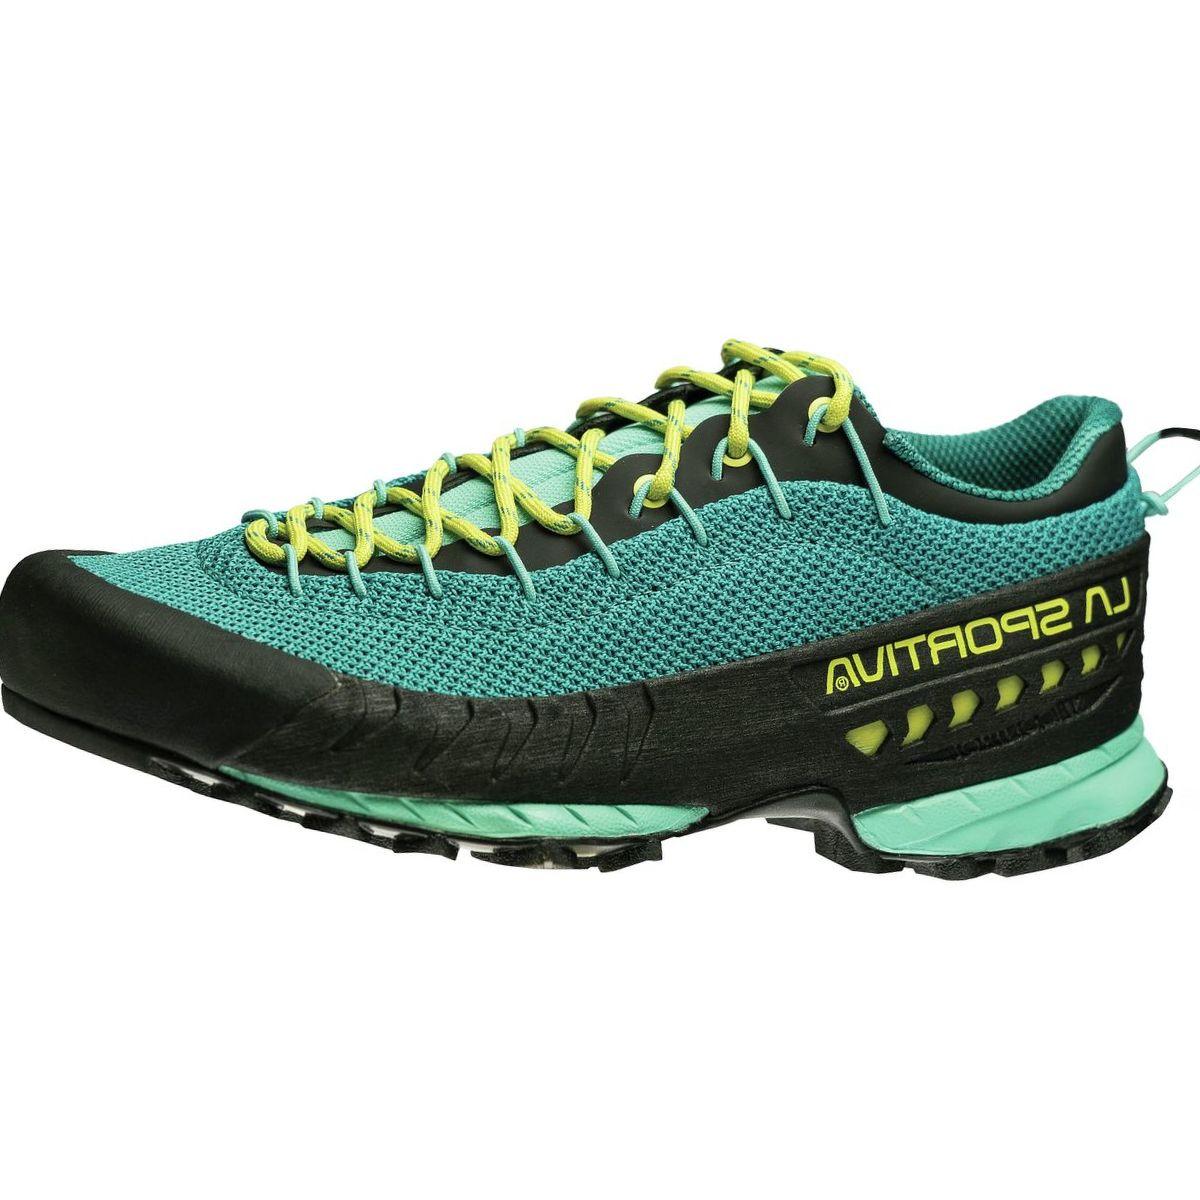 La Sportiva TX3 Approach Shoe - Women's